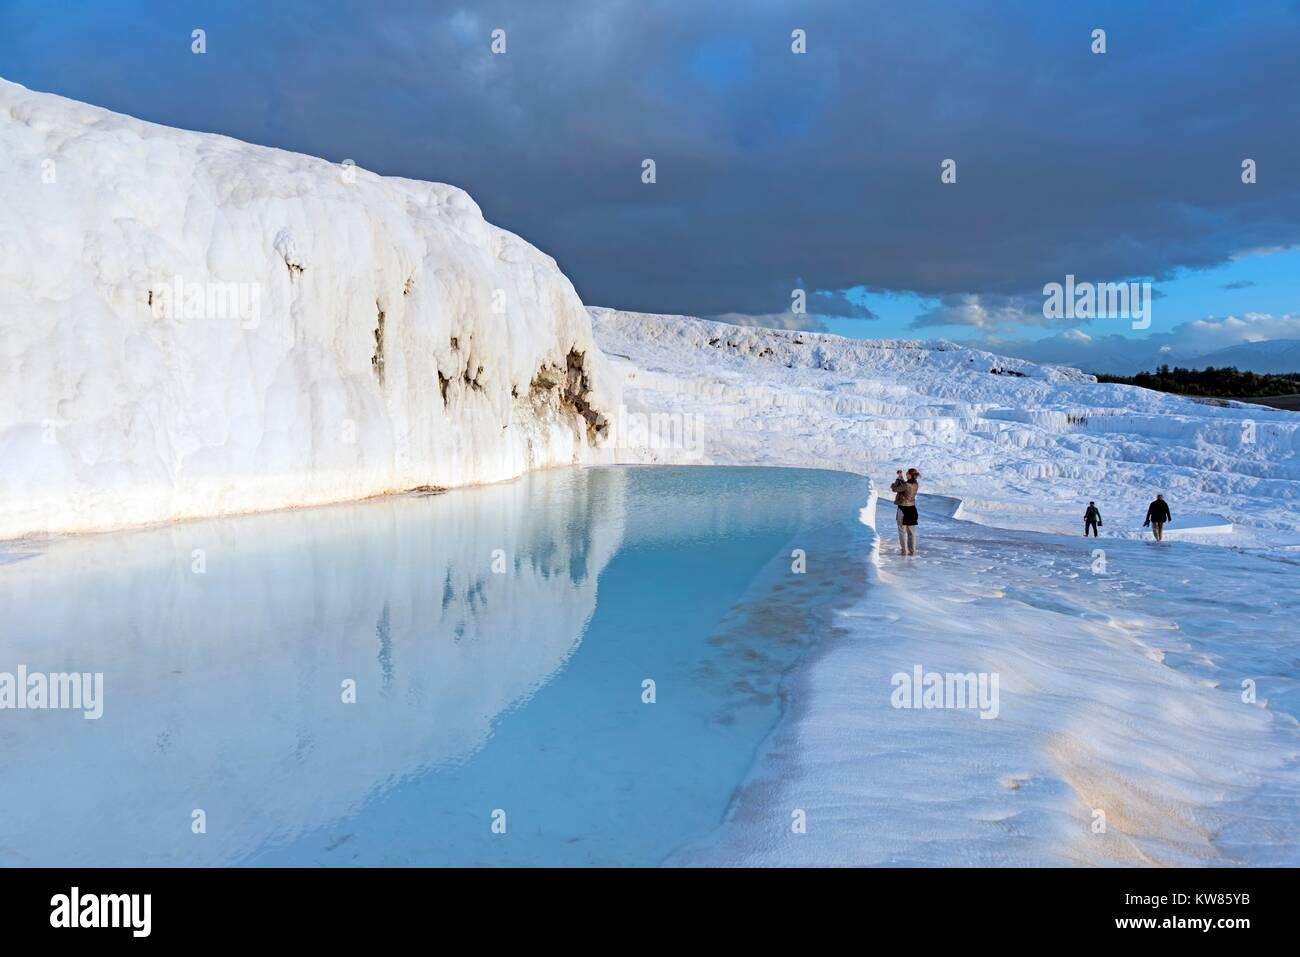 Enero 24, 2015 PAMUKKALE Pamukkale,es un sitio natural en la provincia de Denizli, en el suroeste de Turquía. Imagen De Stock